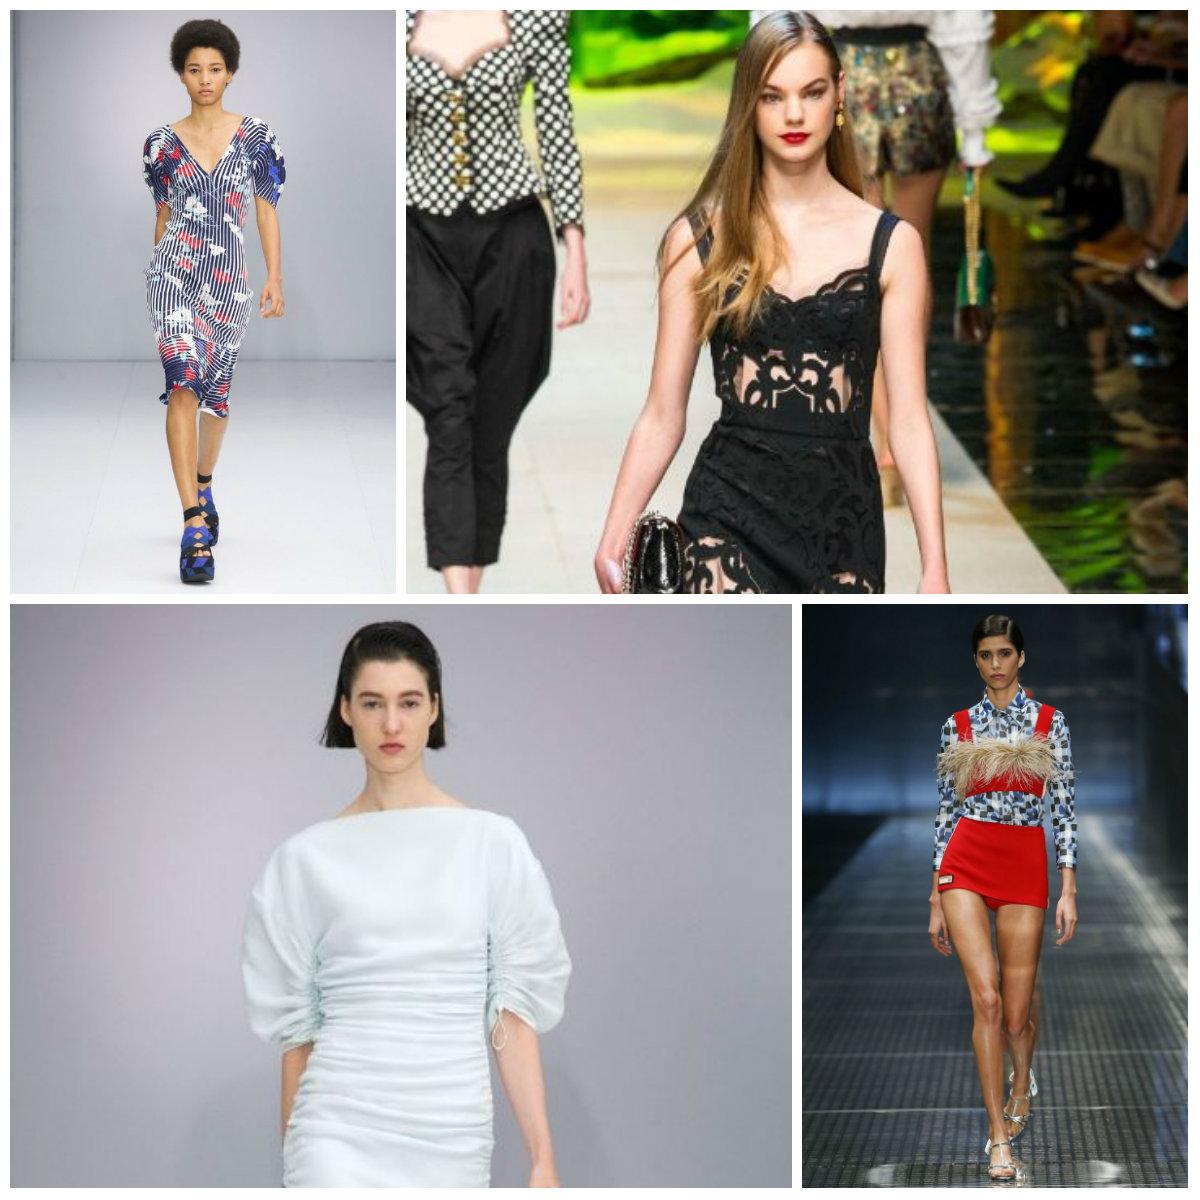 Milan Fashion Week 2017 SS Hairstyle Ideas